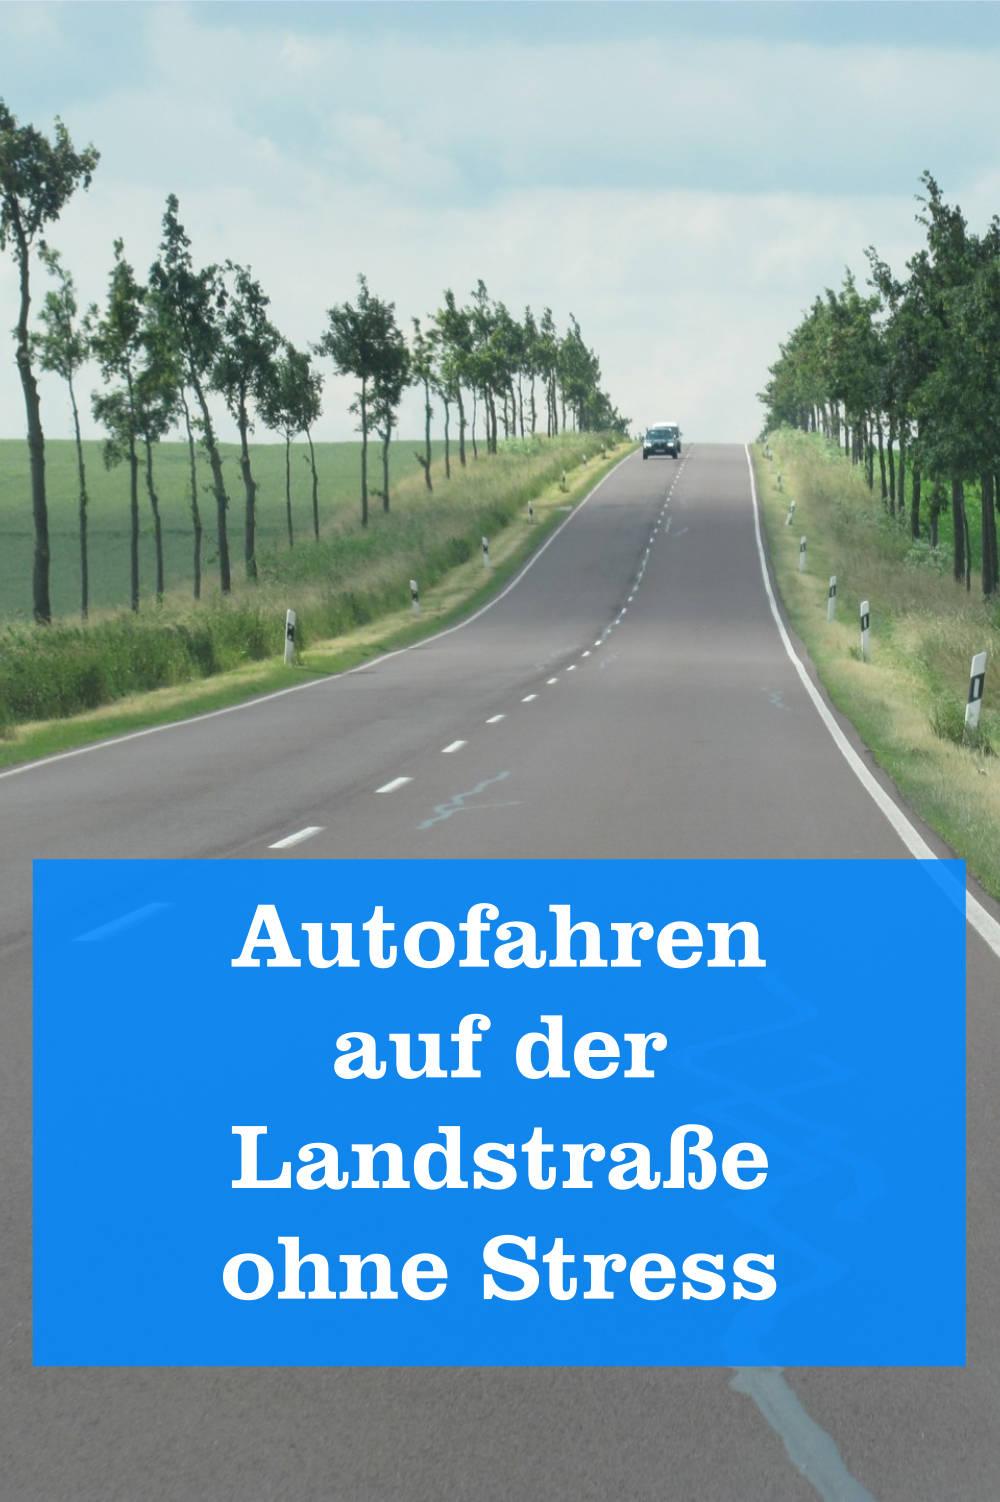 Autofahren auf Landstraße